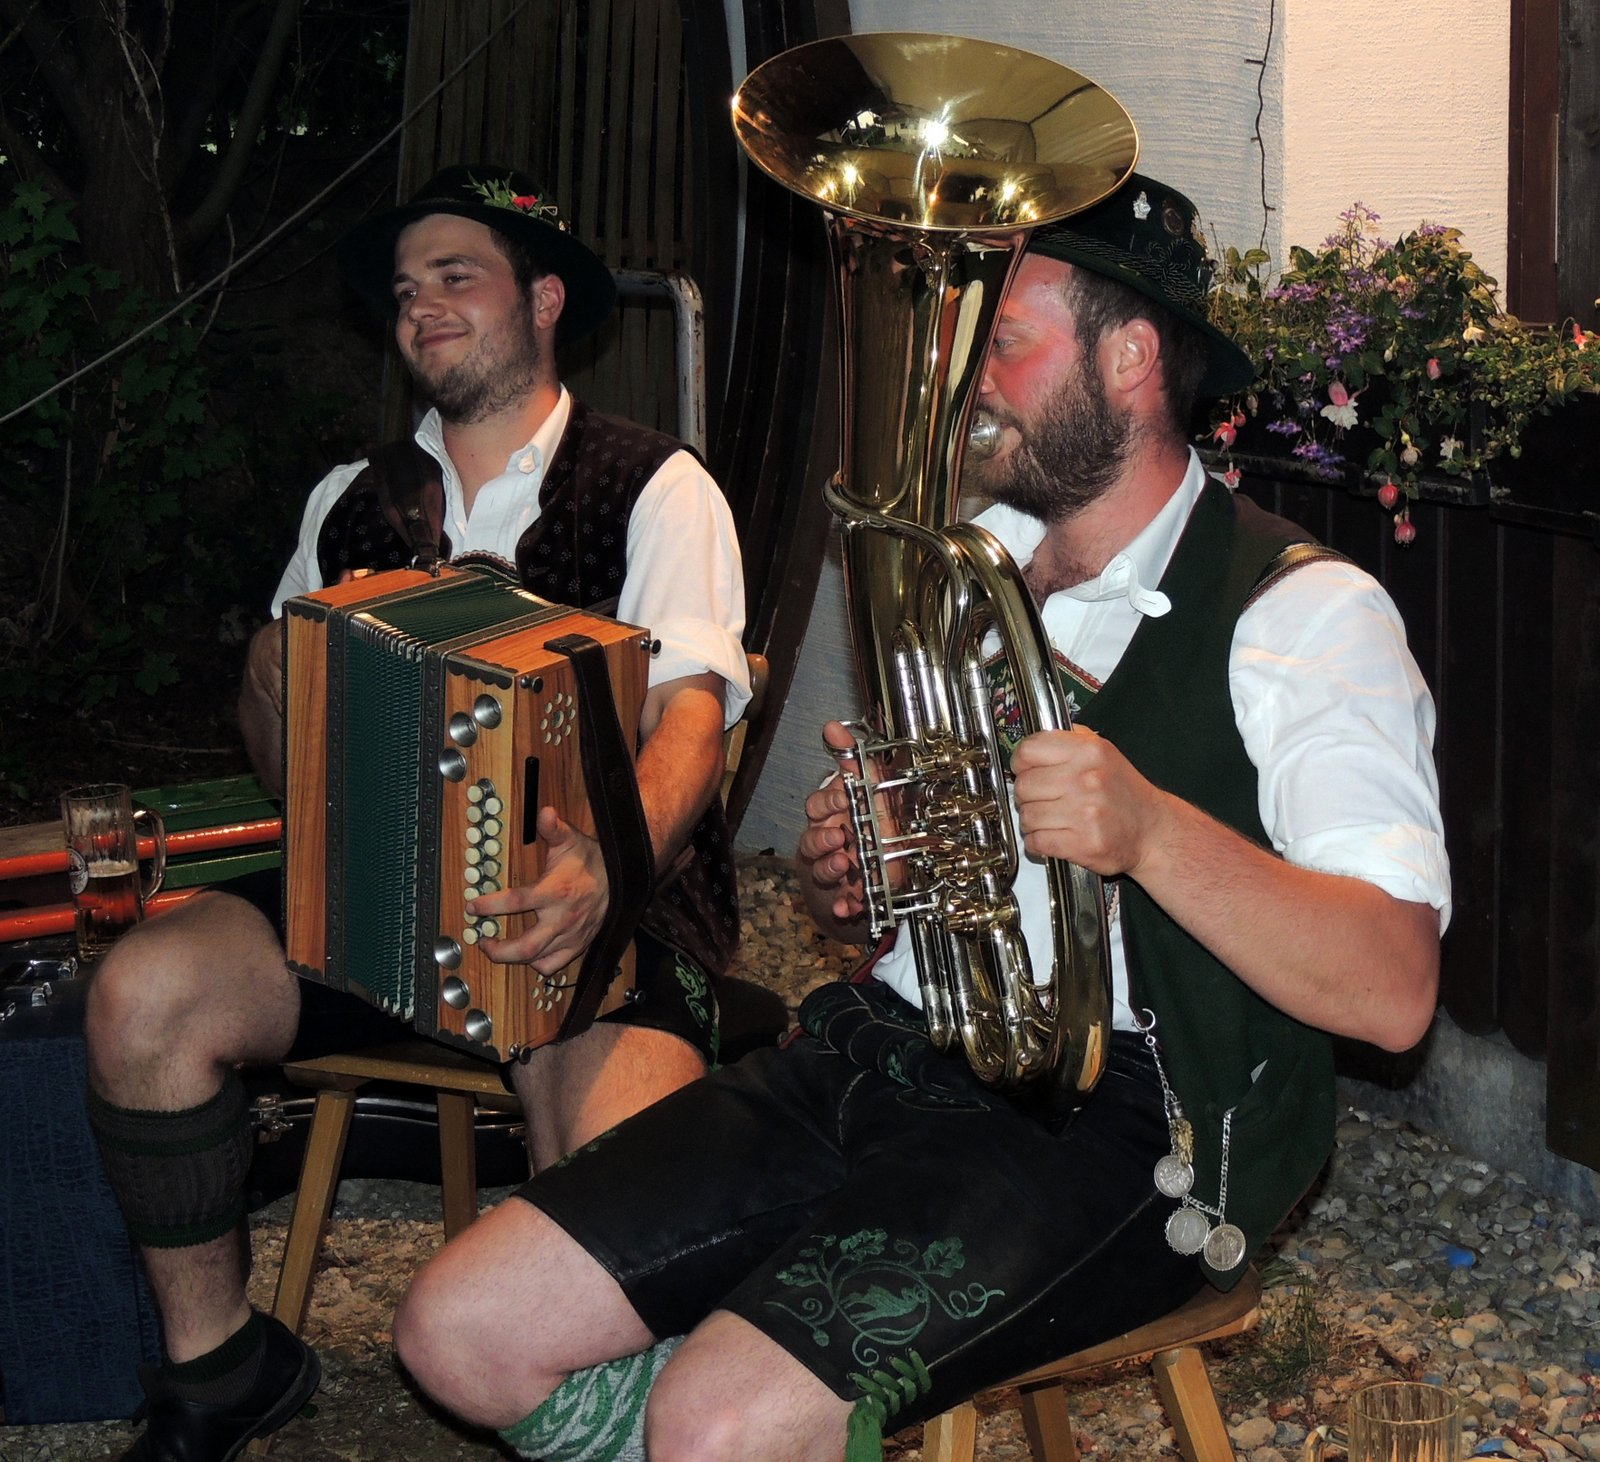 Sommerfest des Sportvereins in Rottenbuch